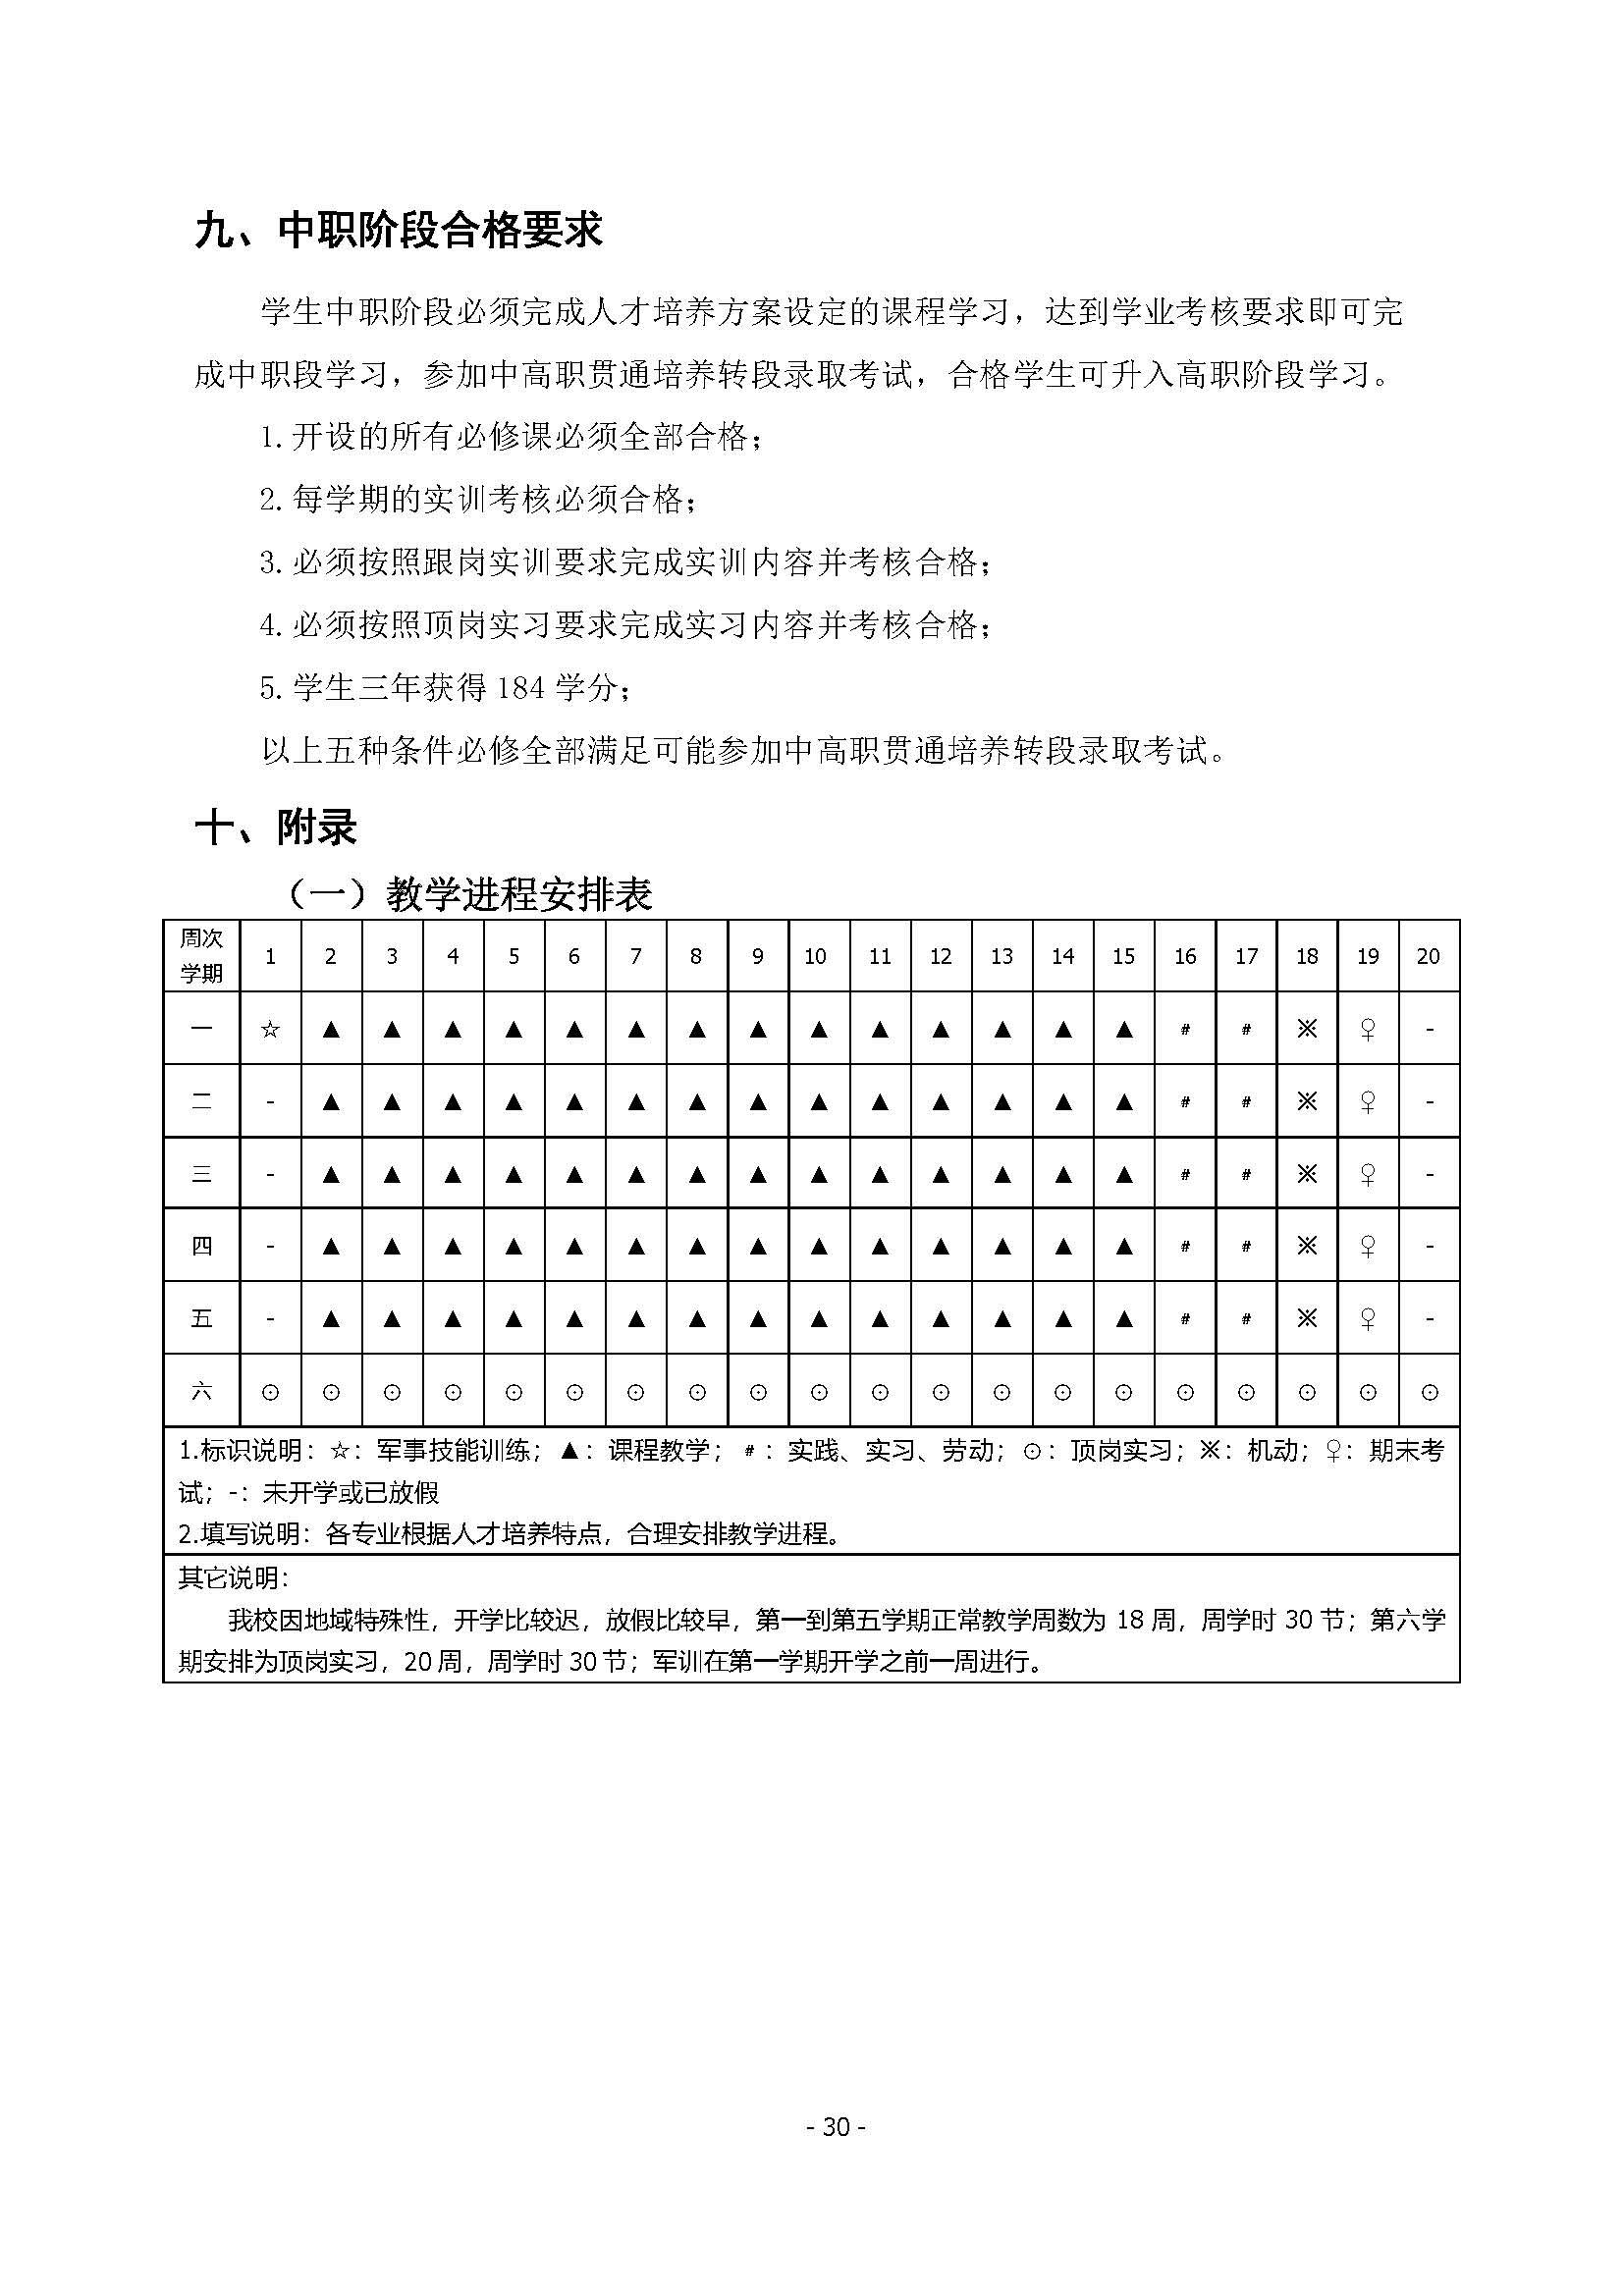 畜牧兽医专业人才培养方案_页面_32.jpg